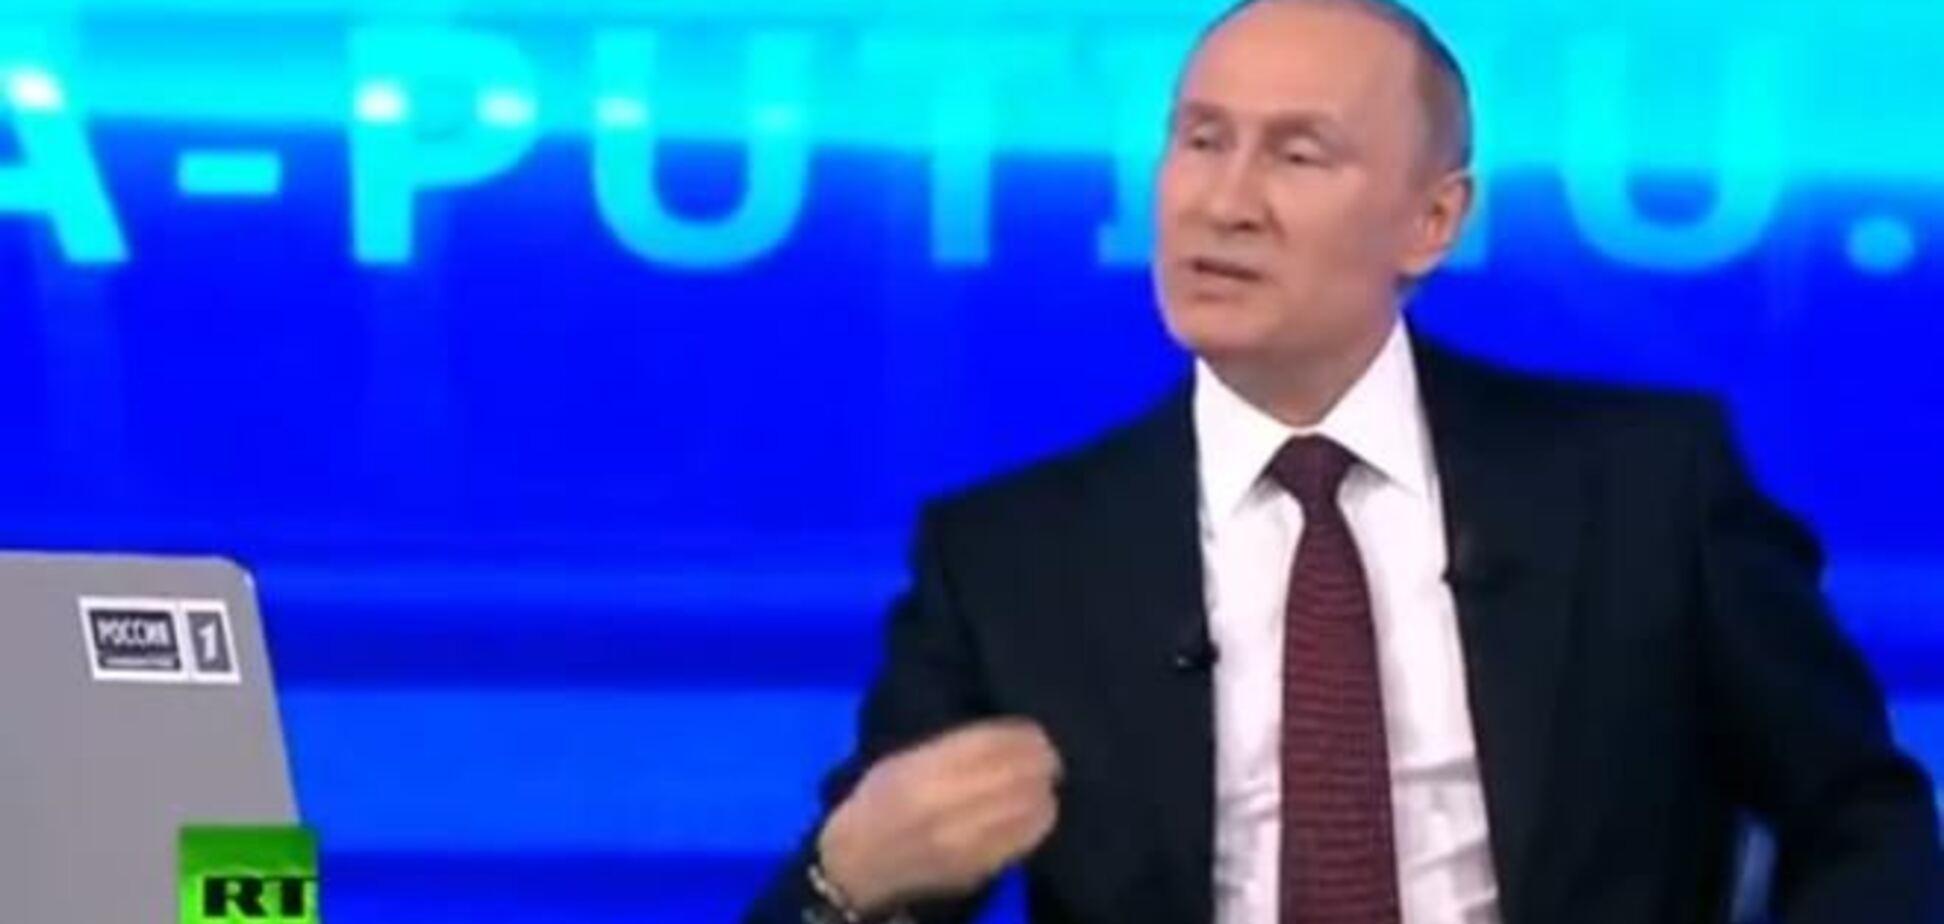 Путин повторяет крымский тезис: на востоке Украины нет подразделений РФ, чушь все это